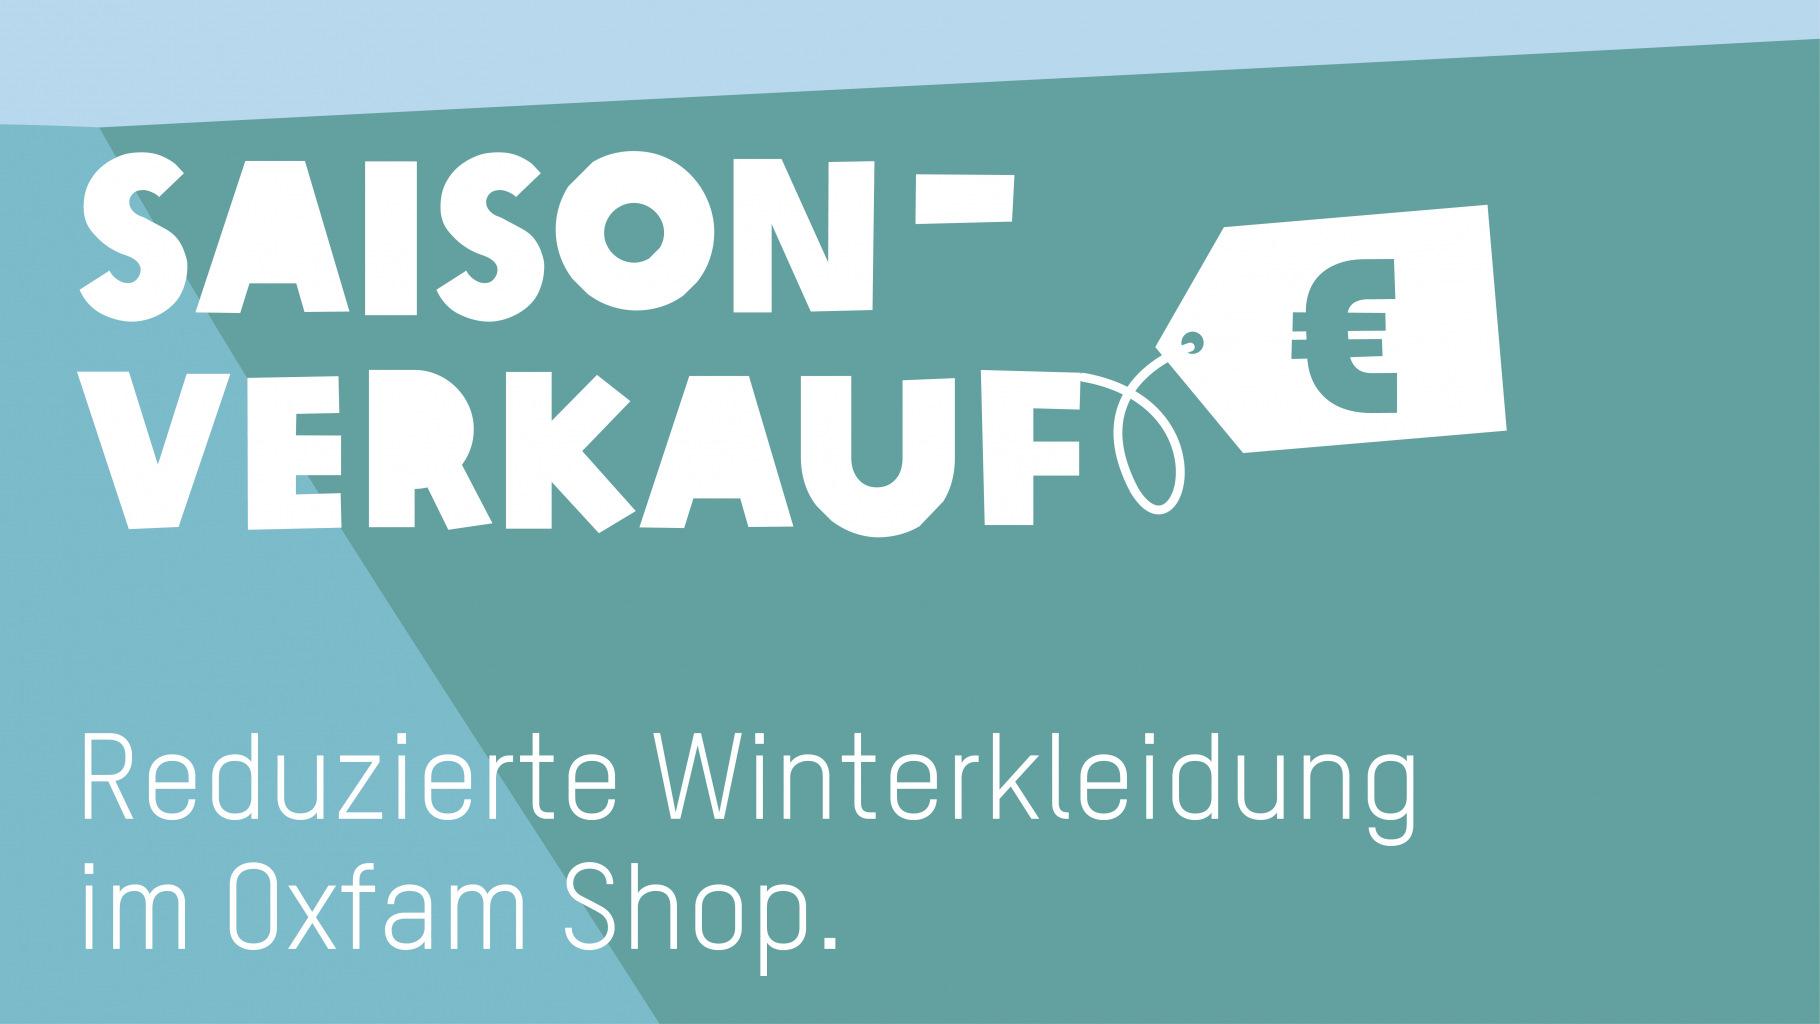 Rabatt beim Winter-Saisonverkauf in den Oxfam Shops